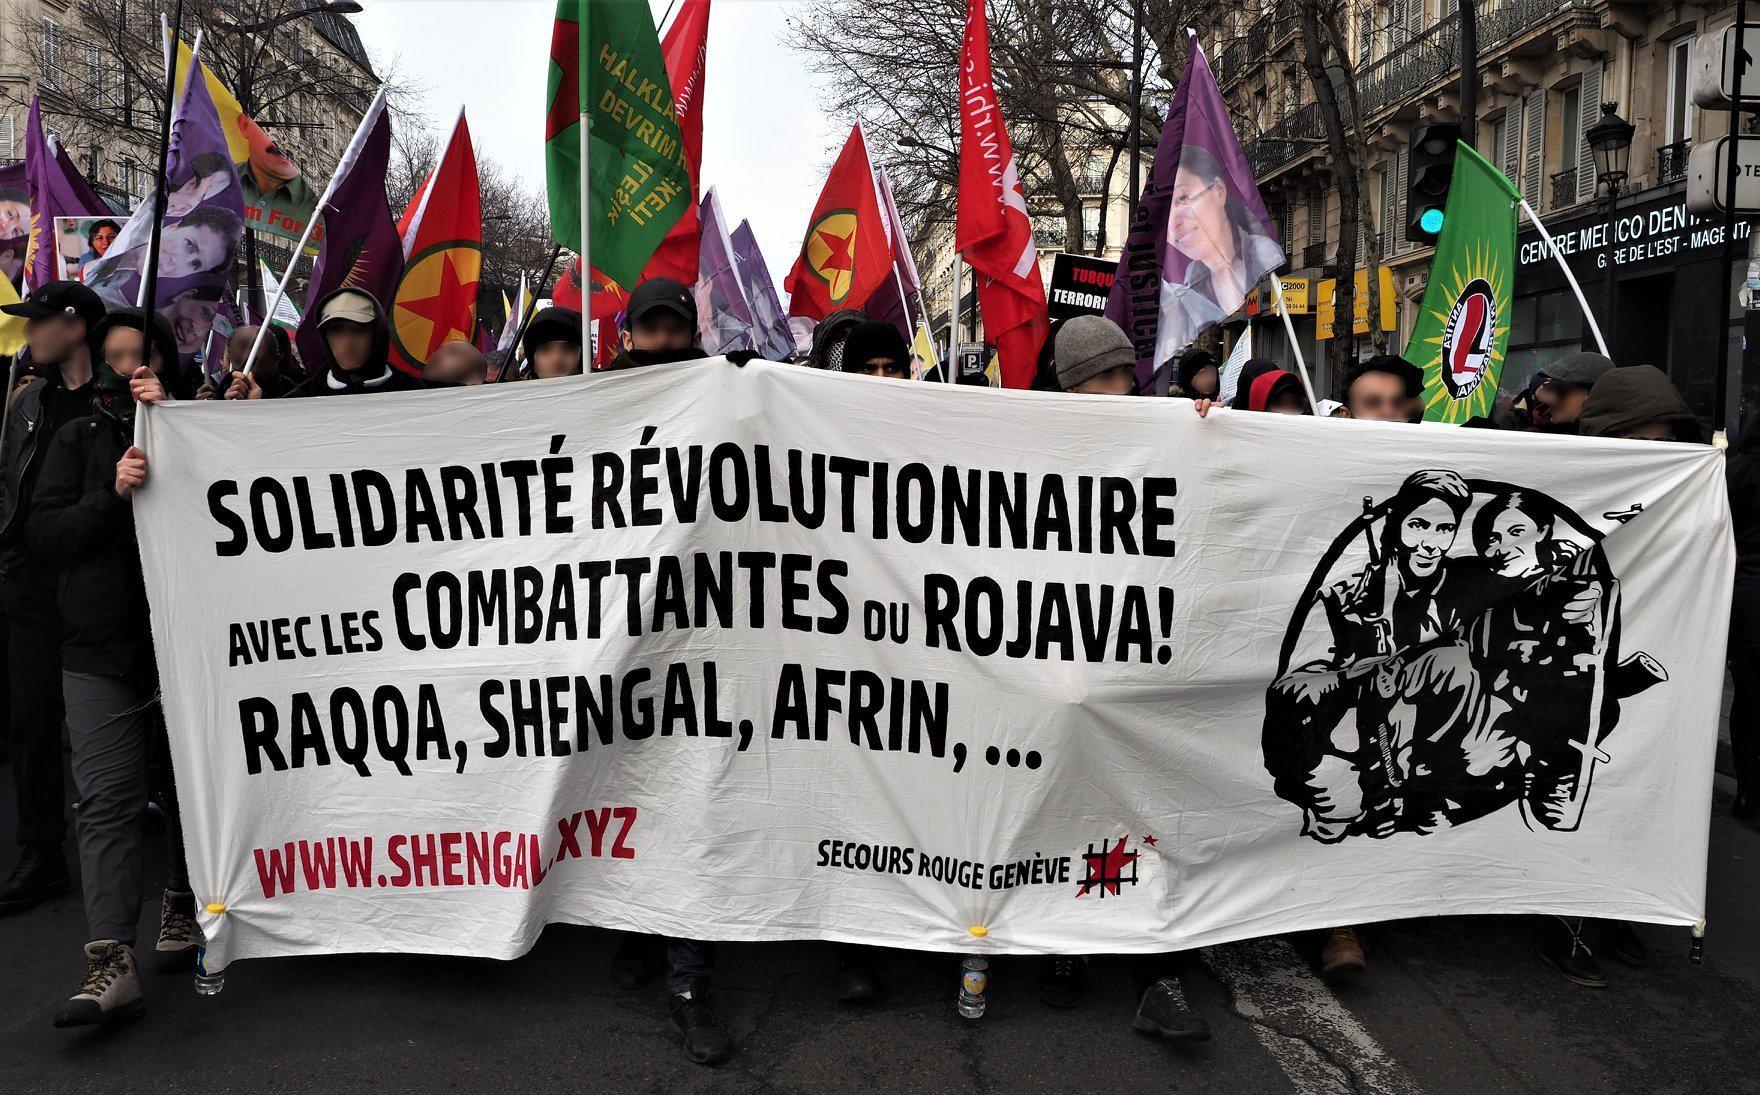 Banderole de la campagne Shengal - Secours Rouge de Genève